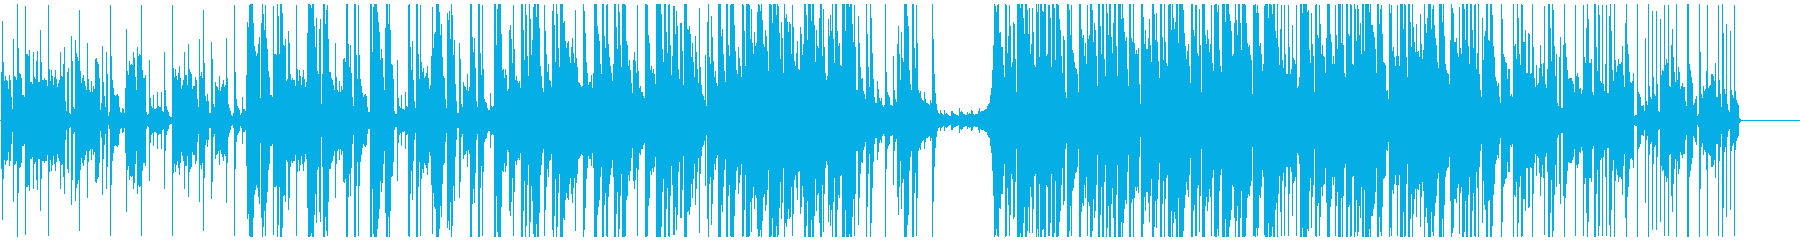 ラグジュアリーなジャズエレクトロニカの再生済みの波形